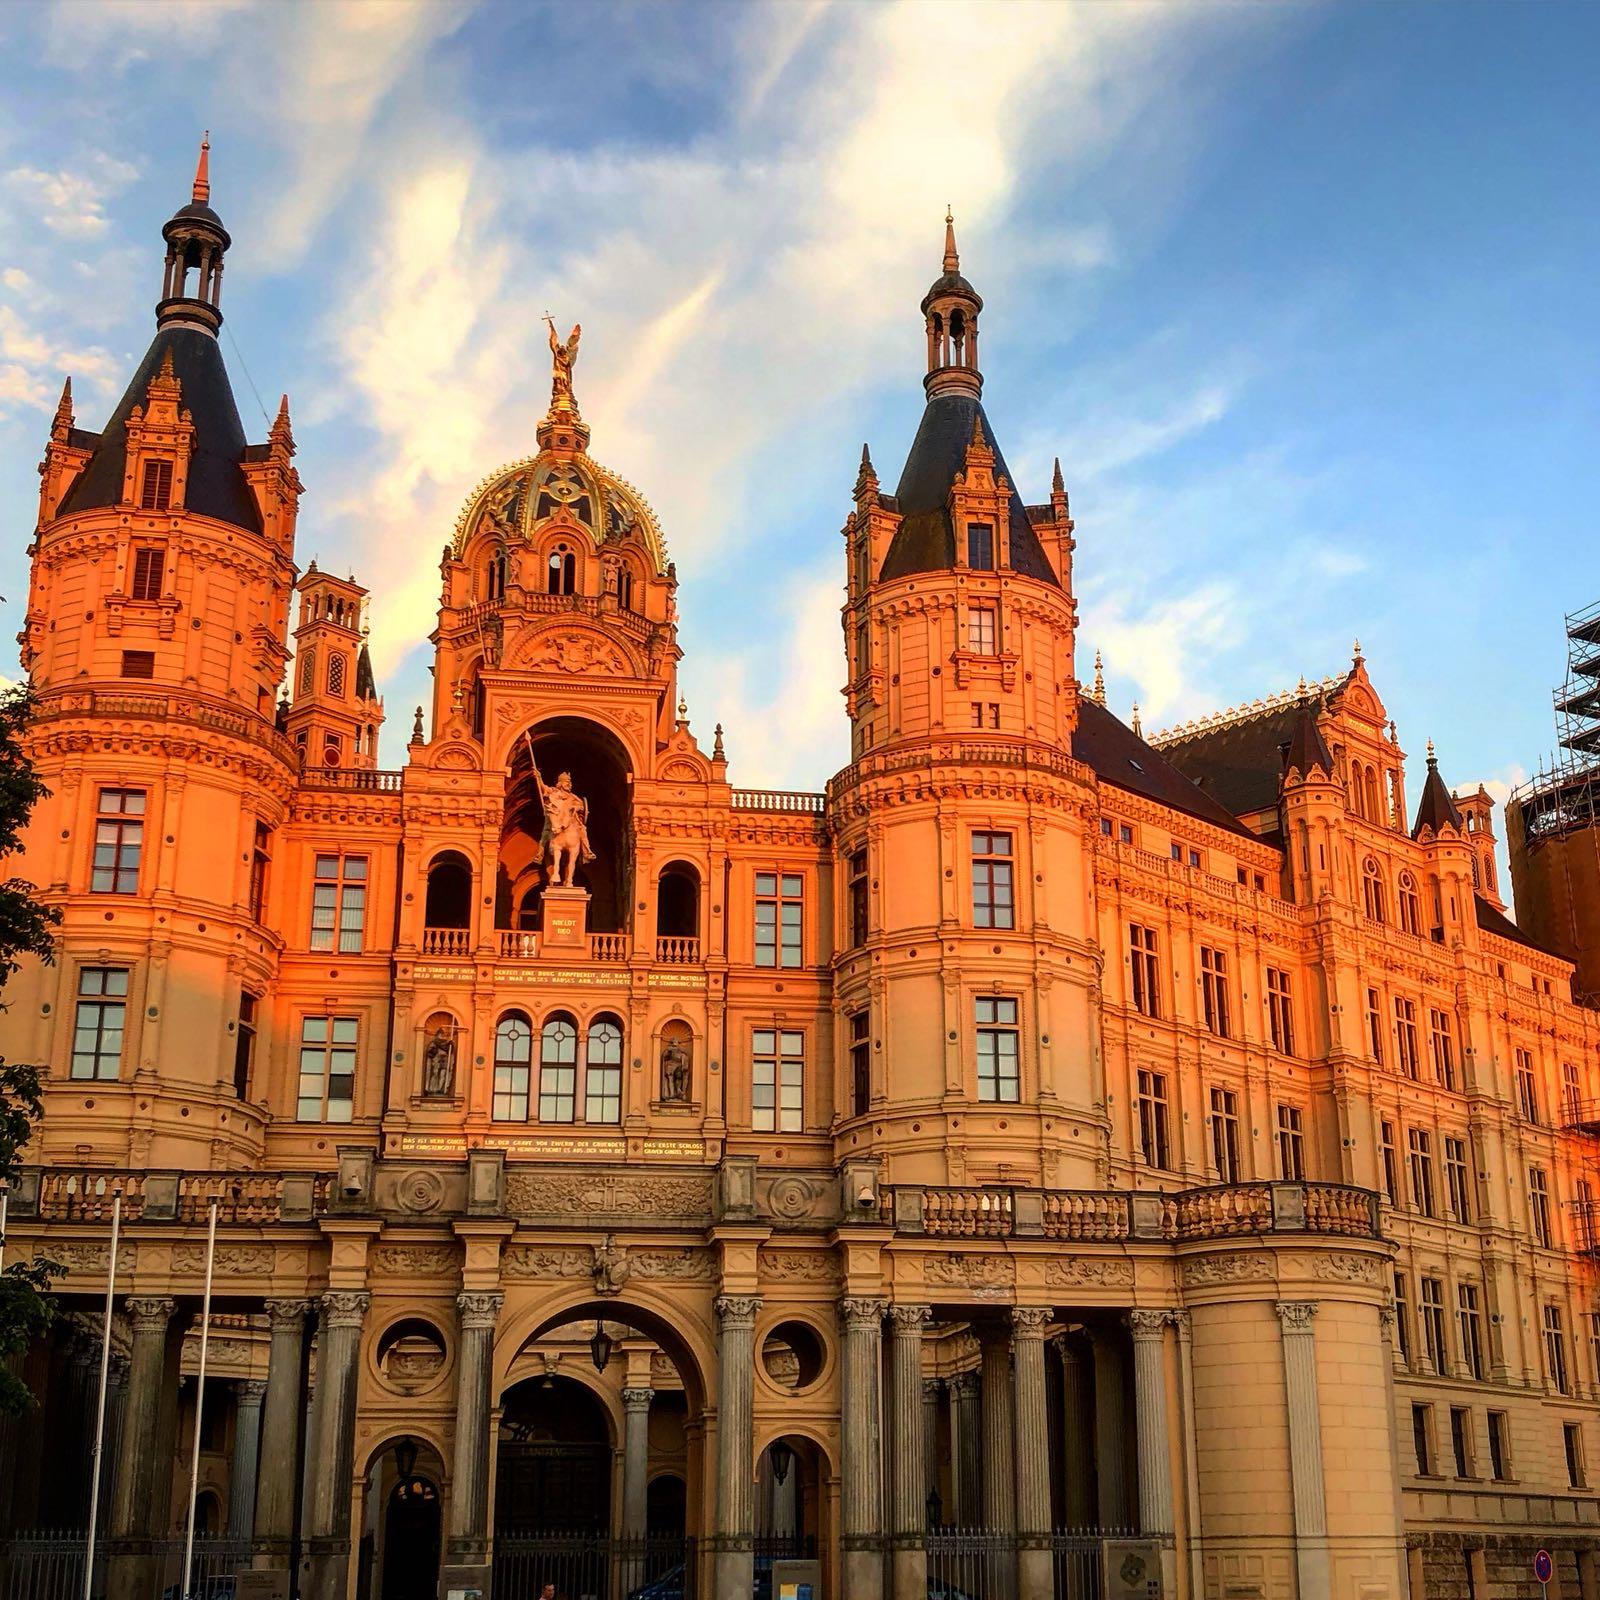 Ferienwohnung Schwerin - Schweriner Schloss nur 5min entfernt